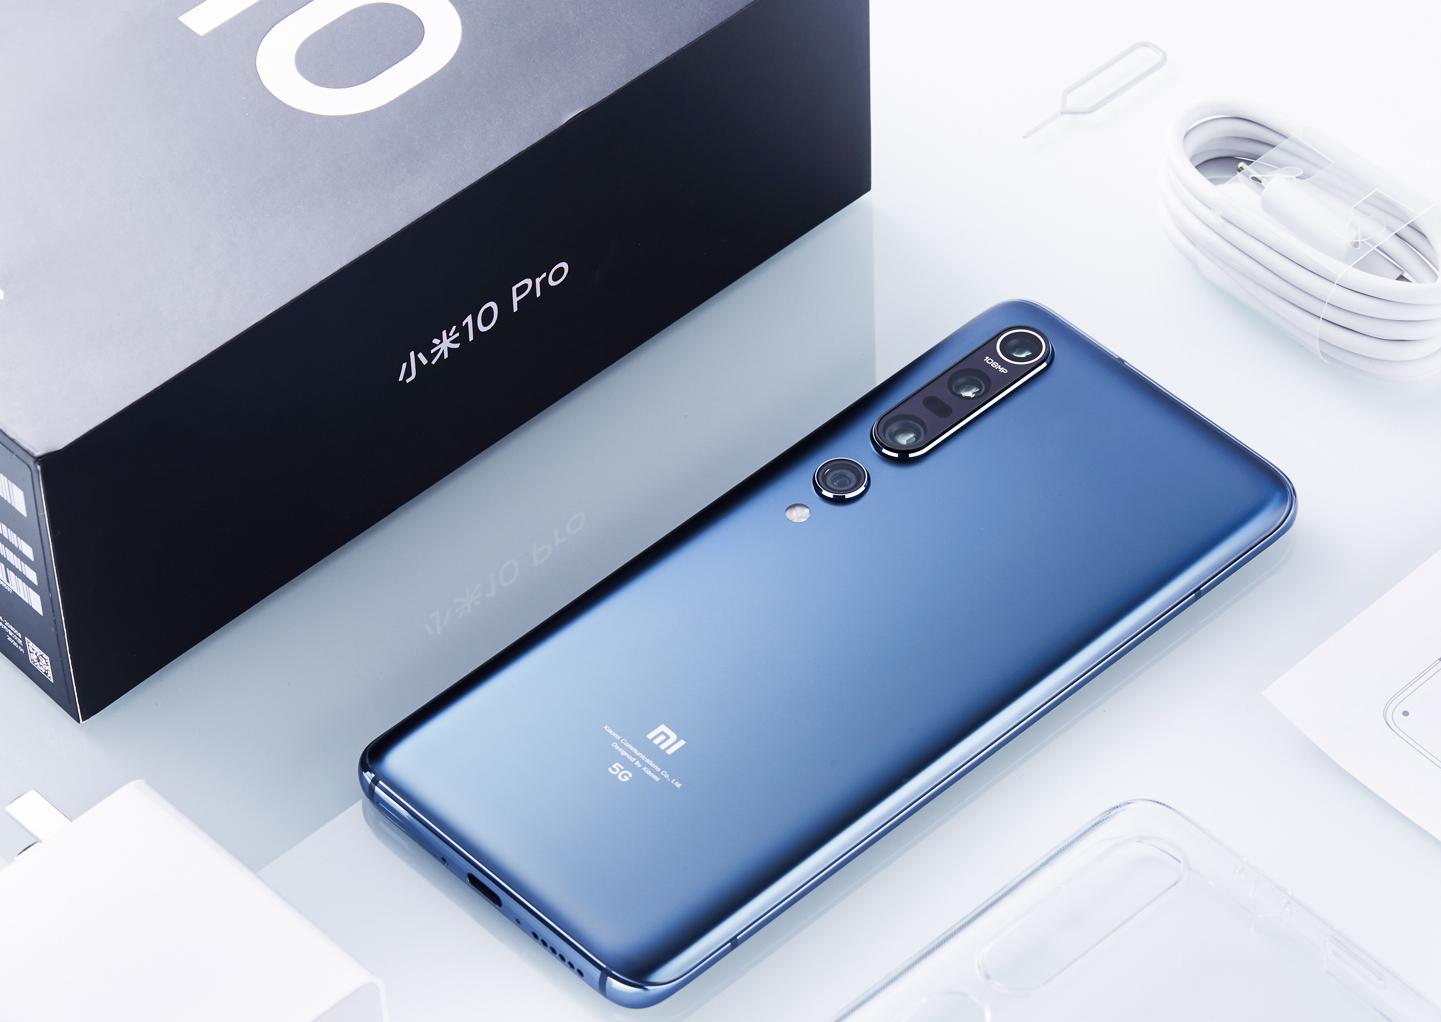 Названы смартфоны Xiaomi, которые уже получили обновление до Android 11 Beta 1